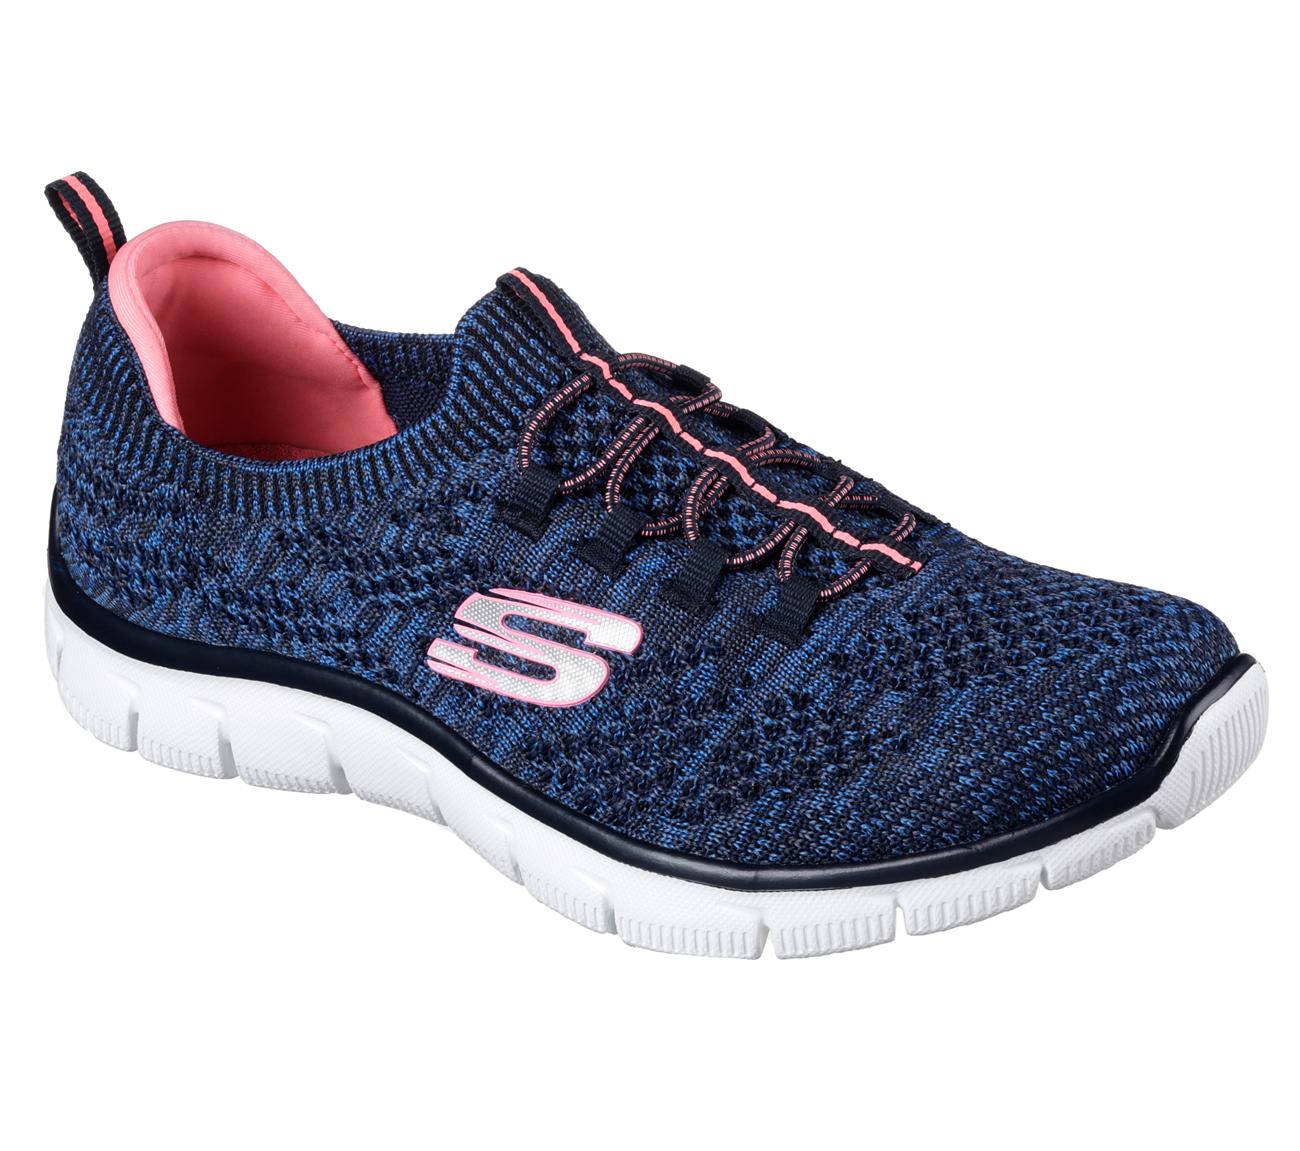 Keen 4e Shoes